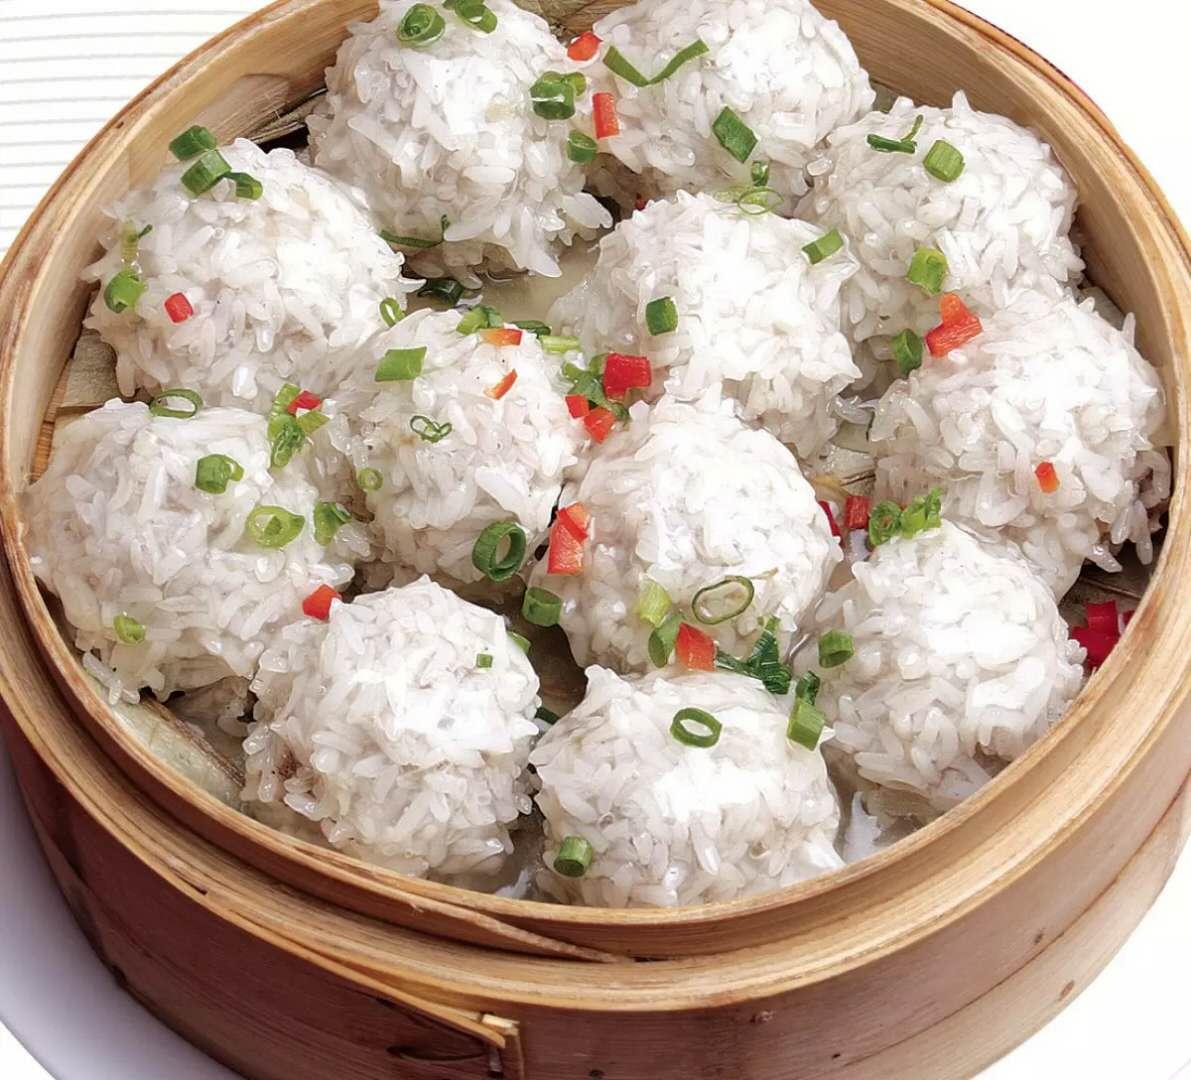 J12鄂菜風味之珍珠肉丸-J12.jpg